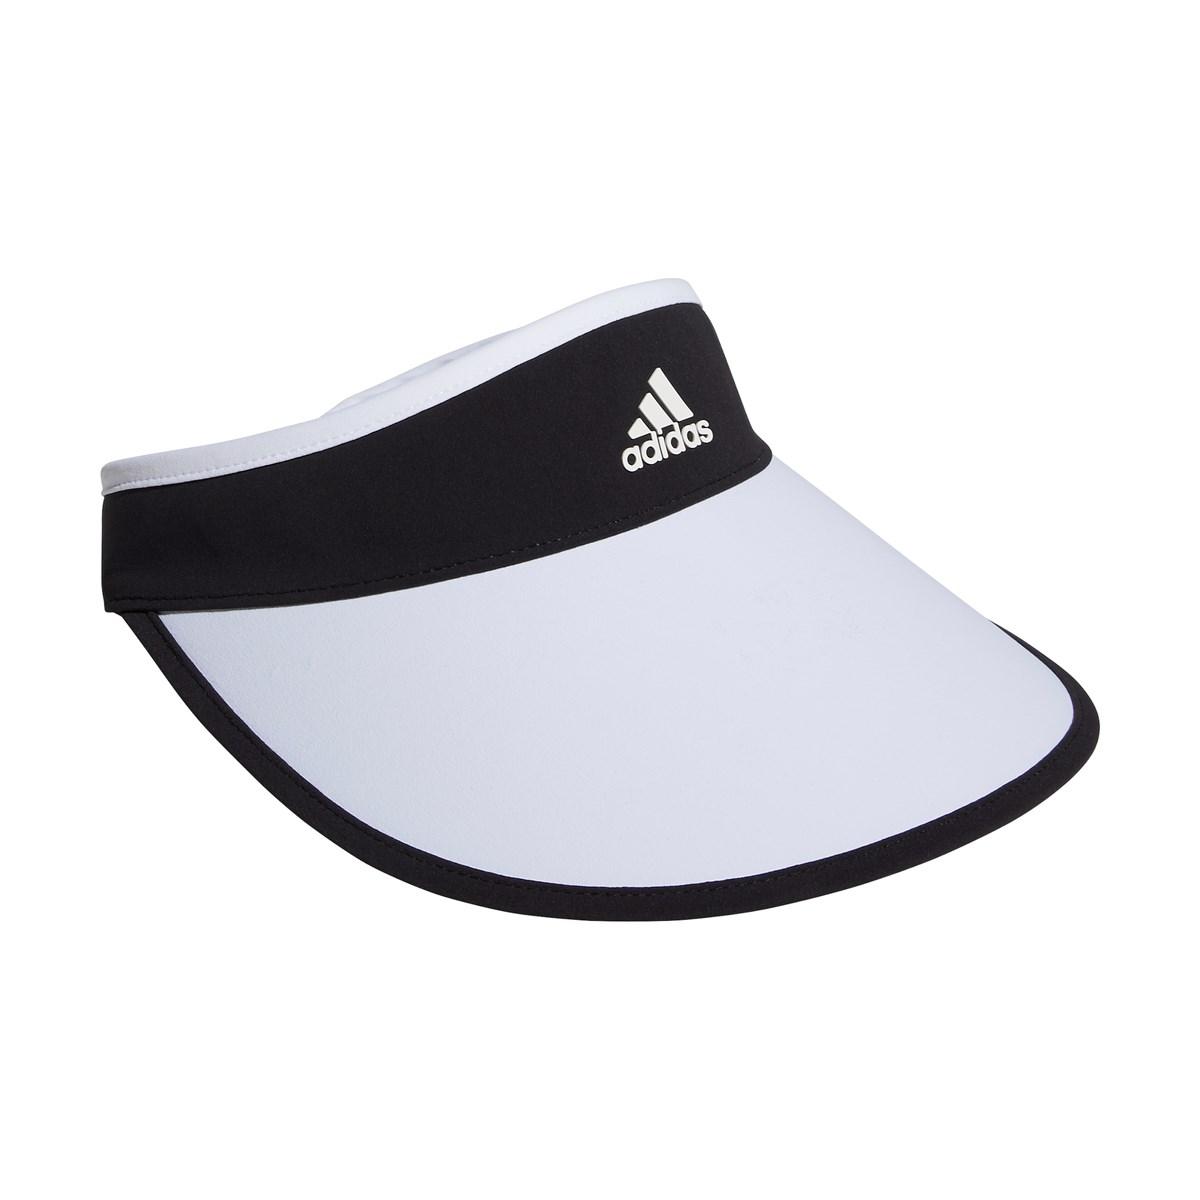 アディダス Adidas UVコンパクトサンバイザー フリー ブラック レディス